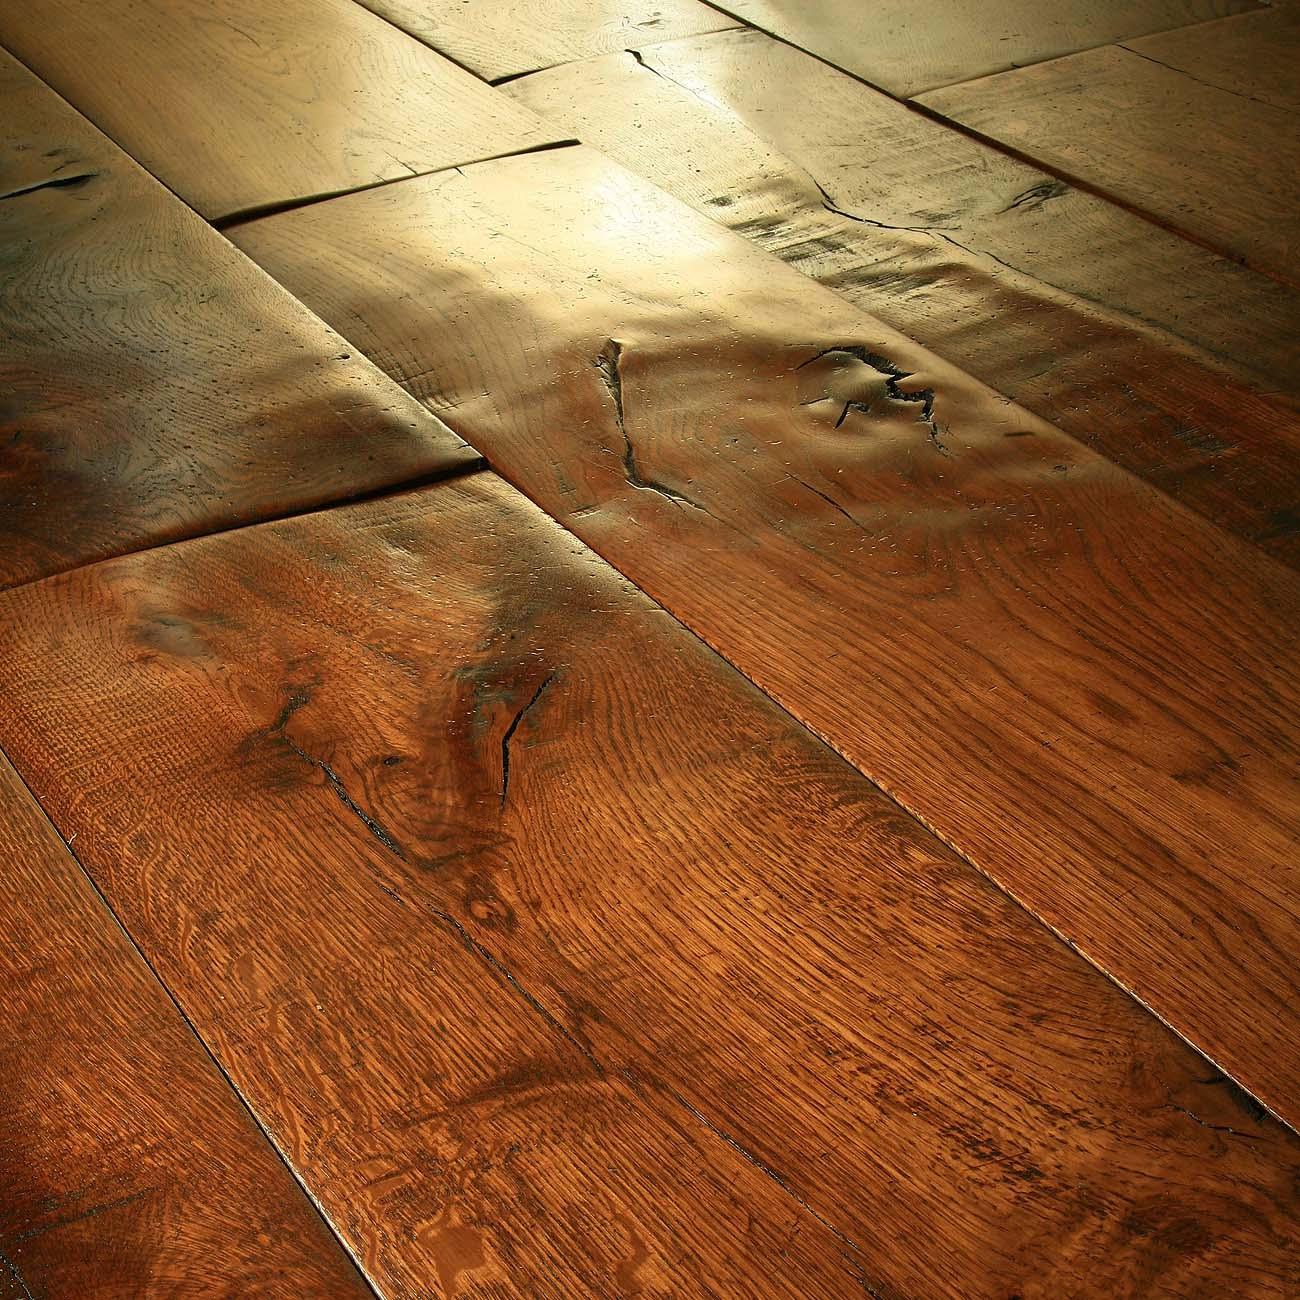 Timber floor texture